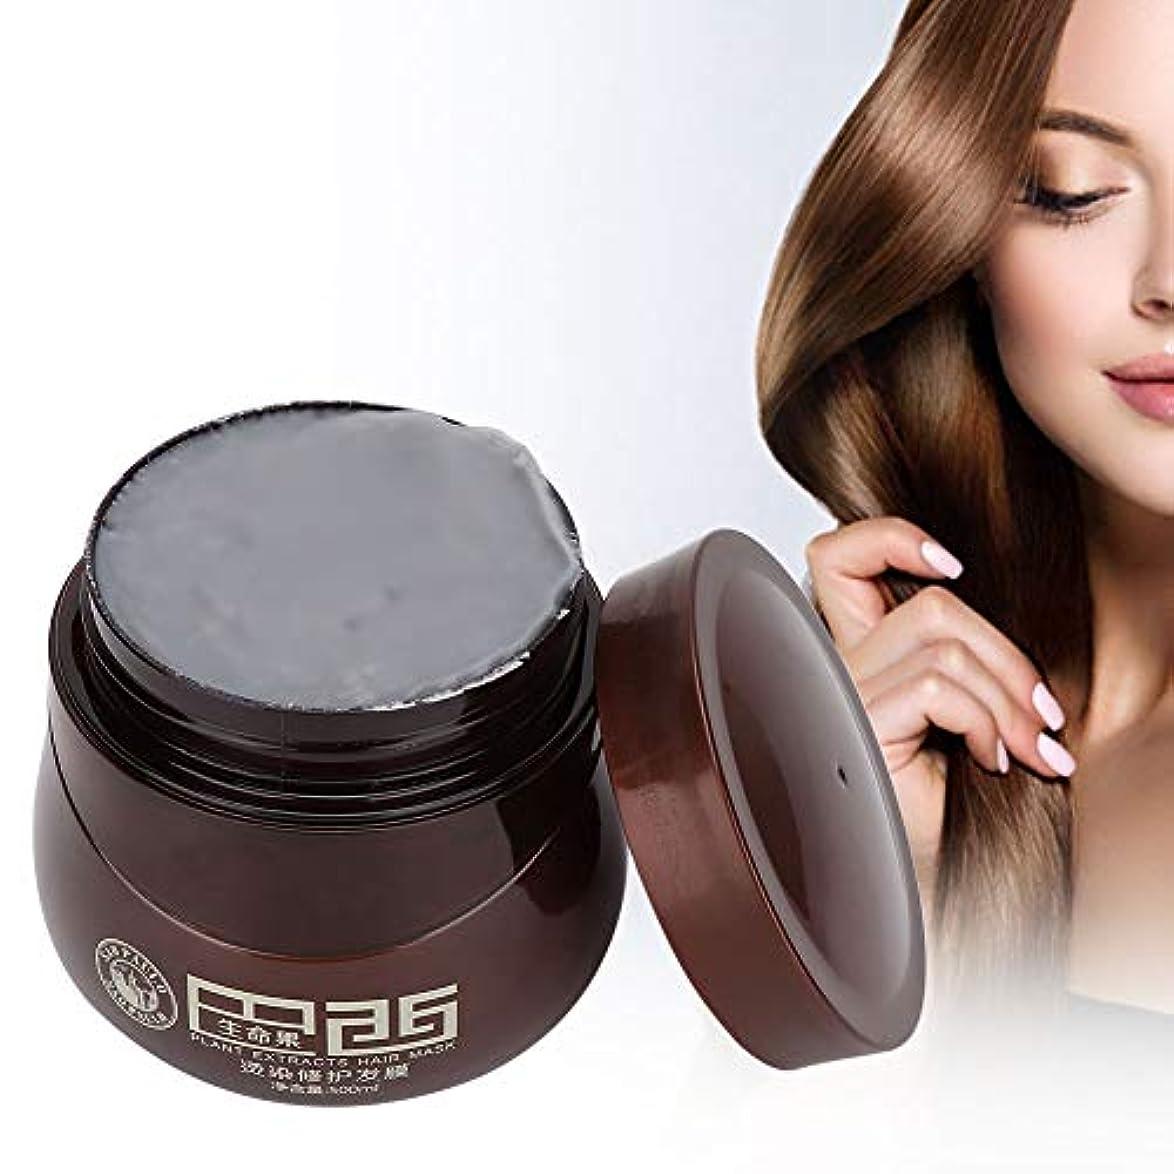 活気づくスポンサー一見ヘアマスク、染毛剤ダメージヘアナリッシングリペアマスクトリートメントコンディショナープロのヘアサロンや家庭での使用に最適500ml